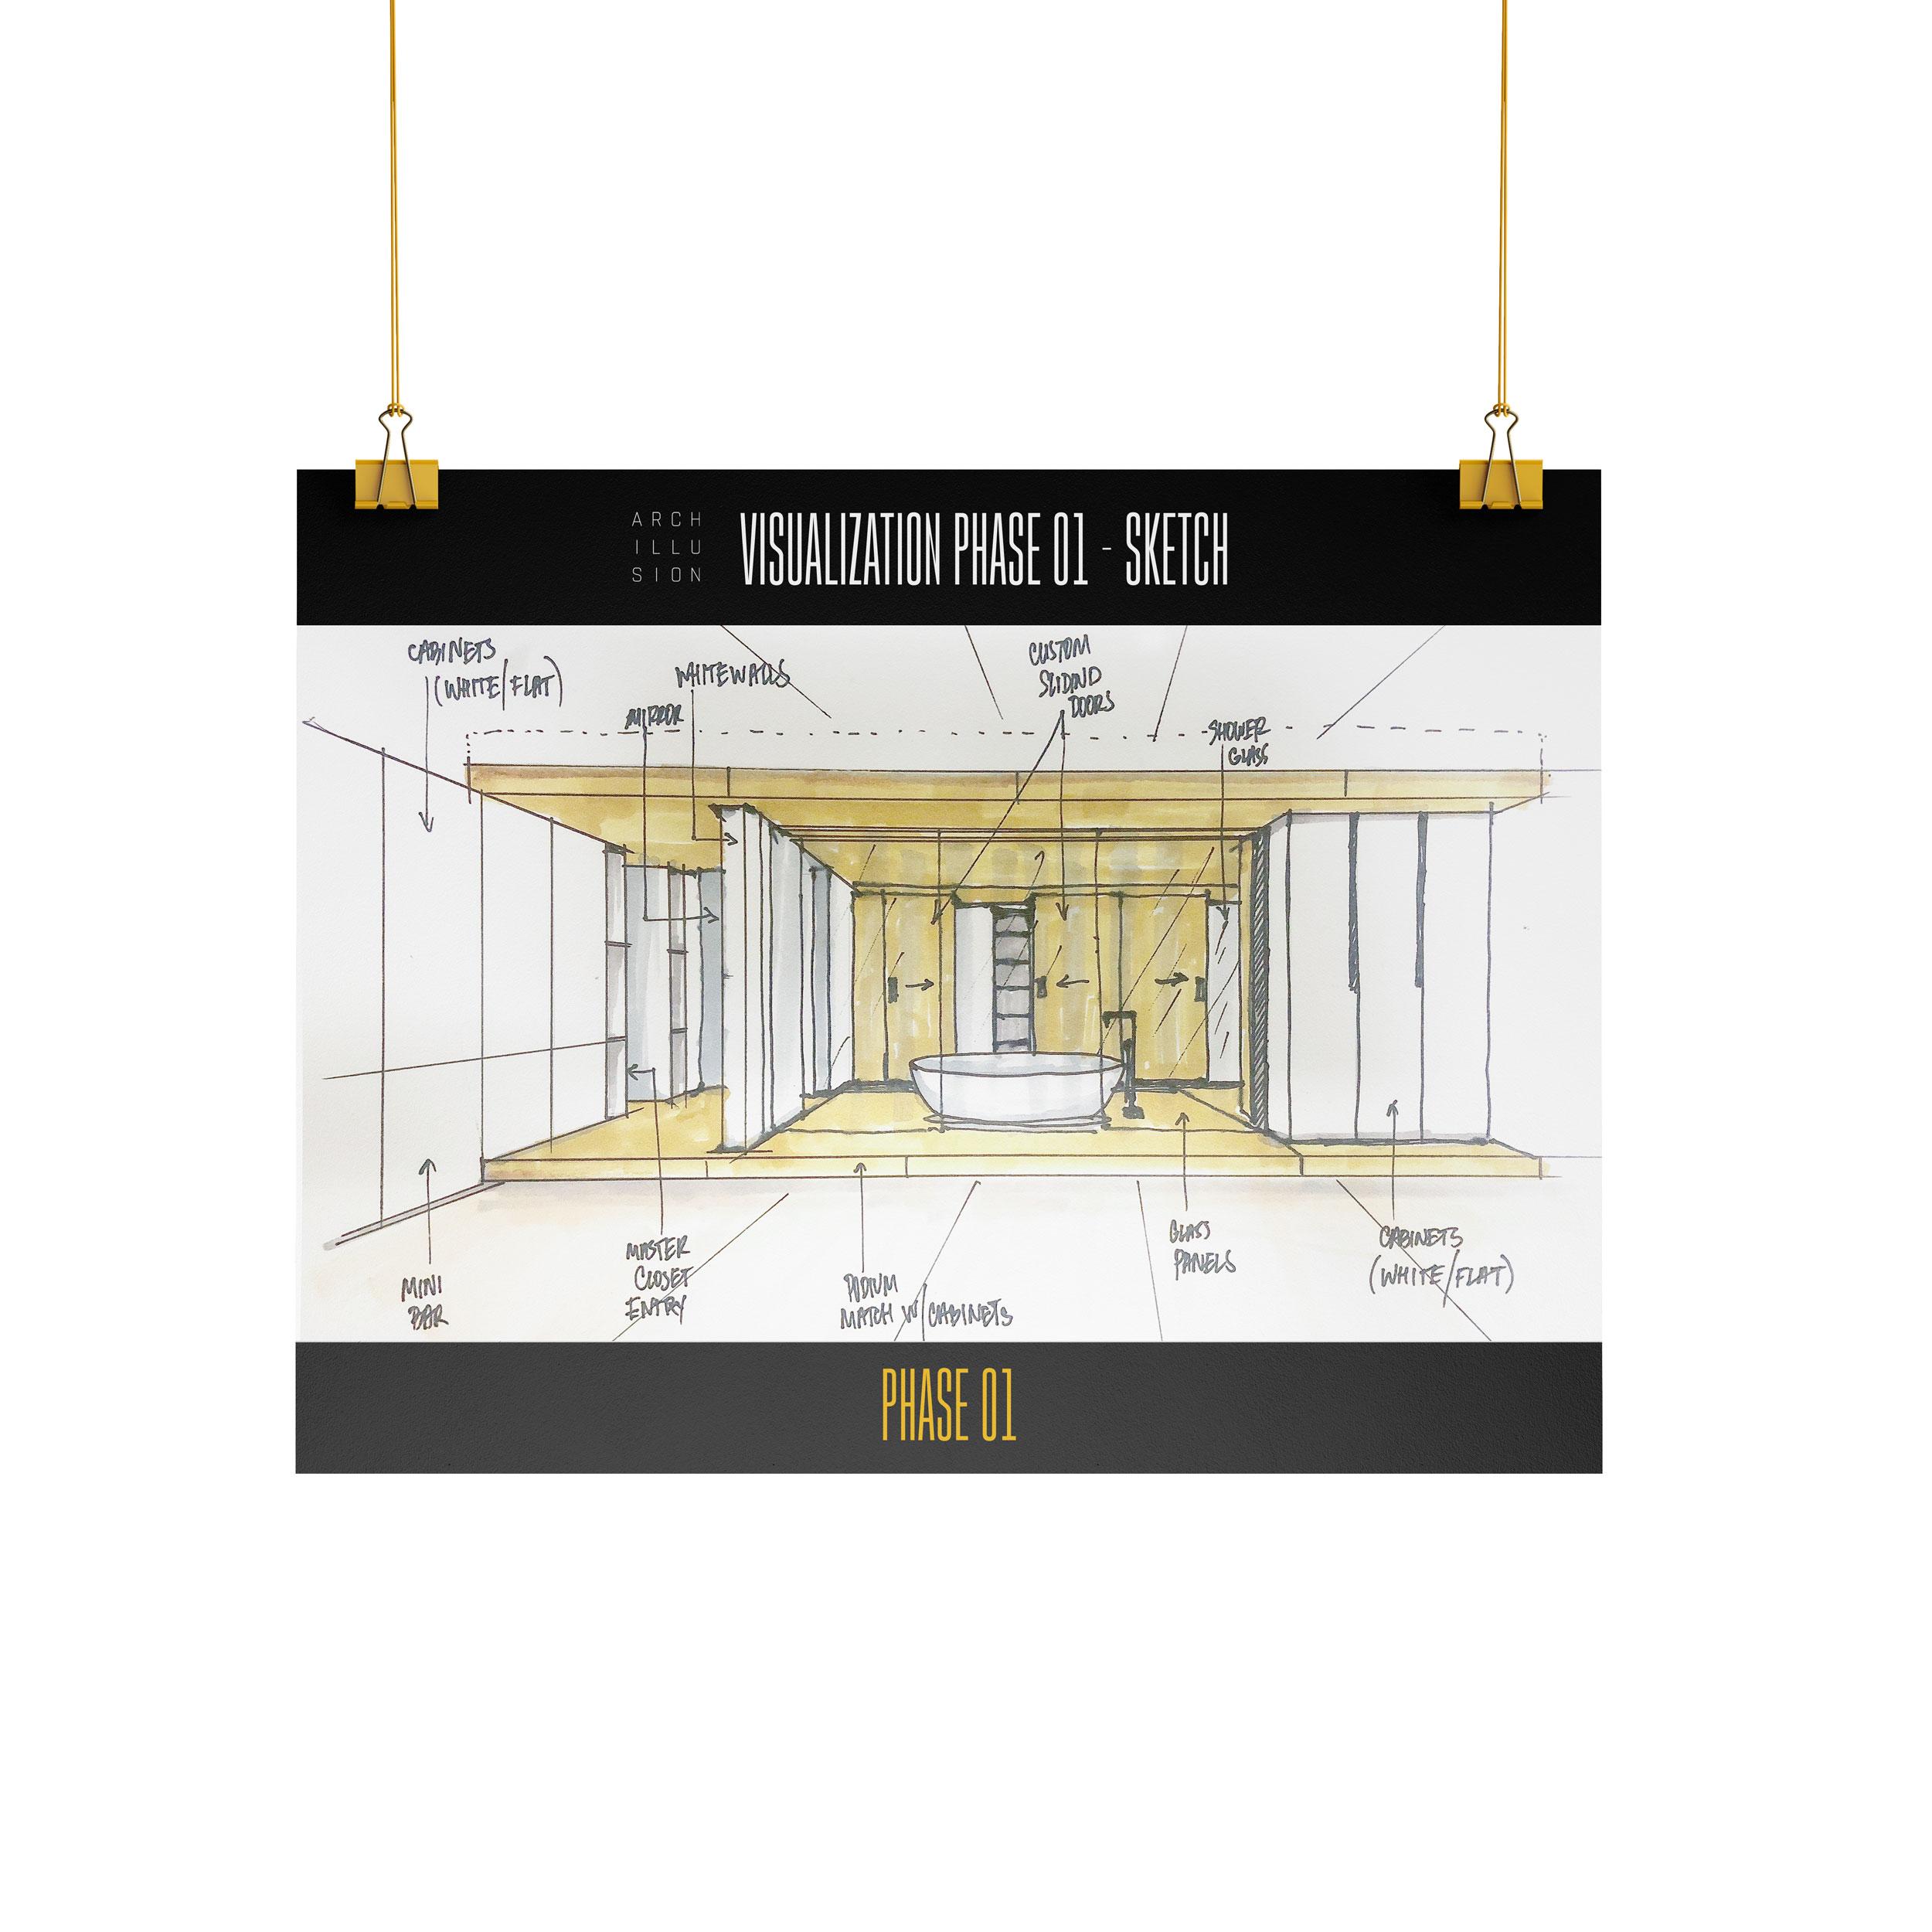 master-bedroom-sketch-visualizaiton-01.jpg